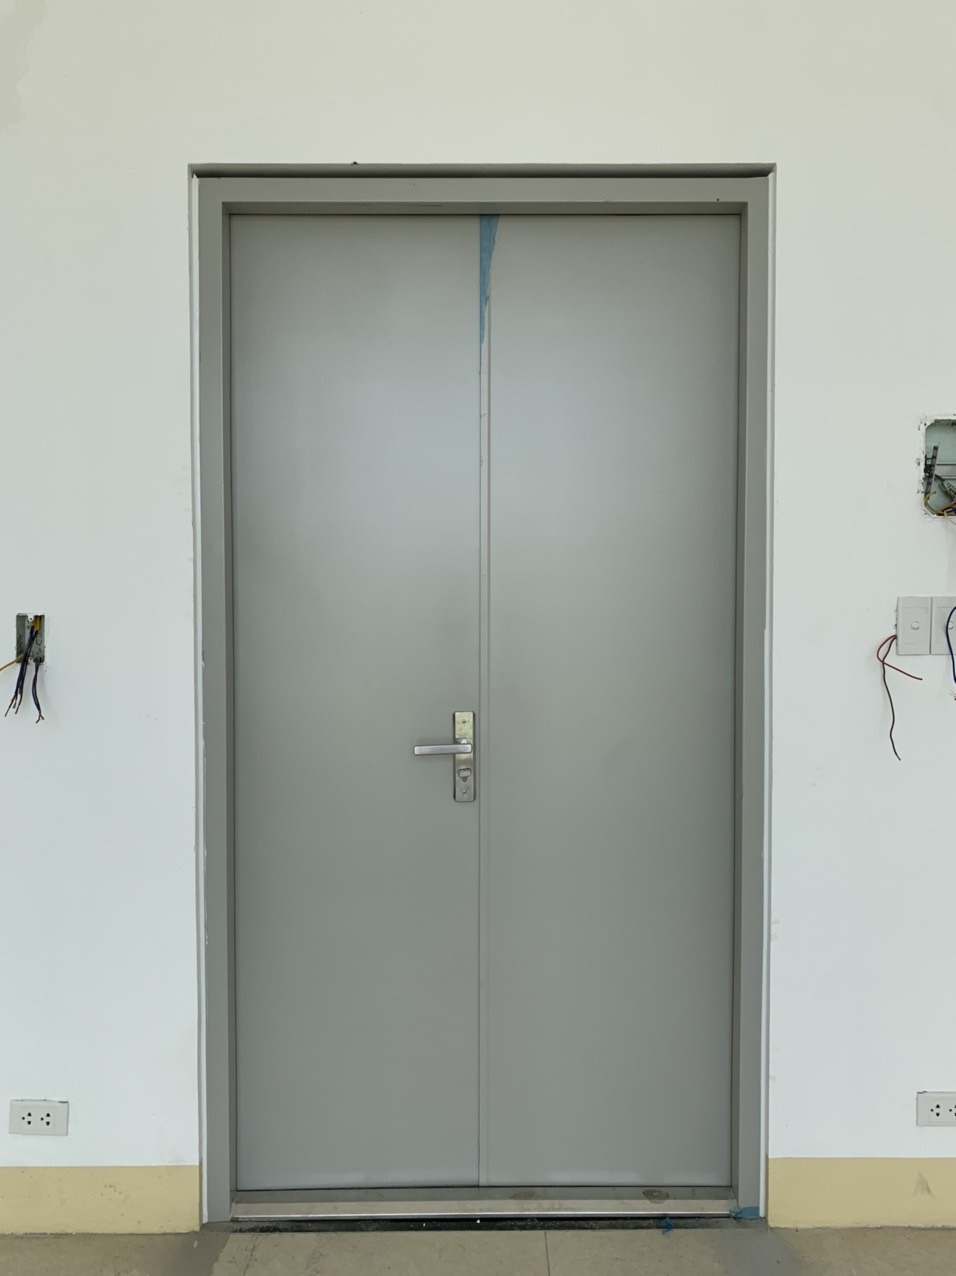 Kinh nghiệm mở đại lý cửa thép chống cháy tại Đà Nẵng